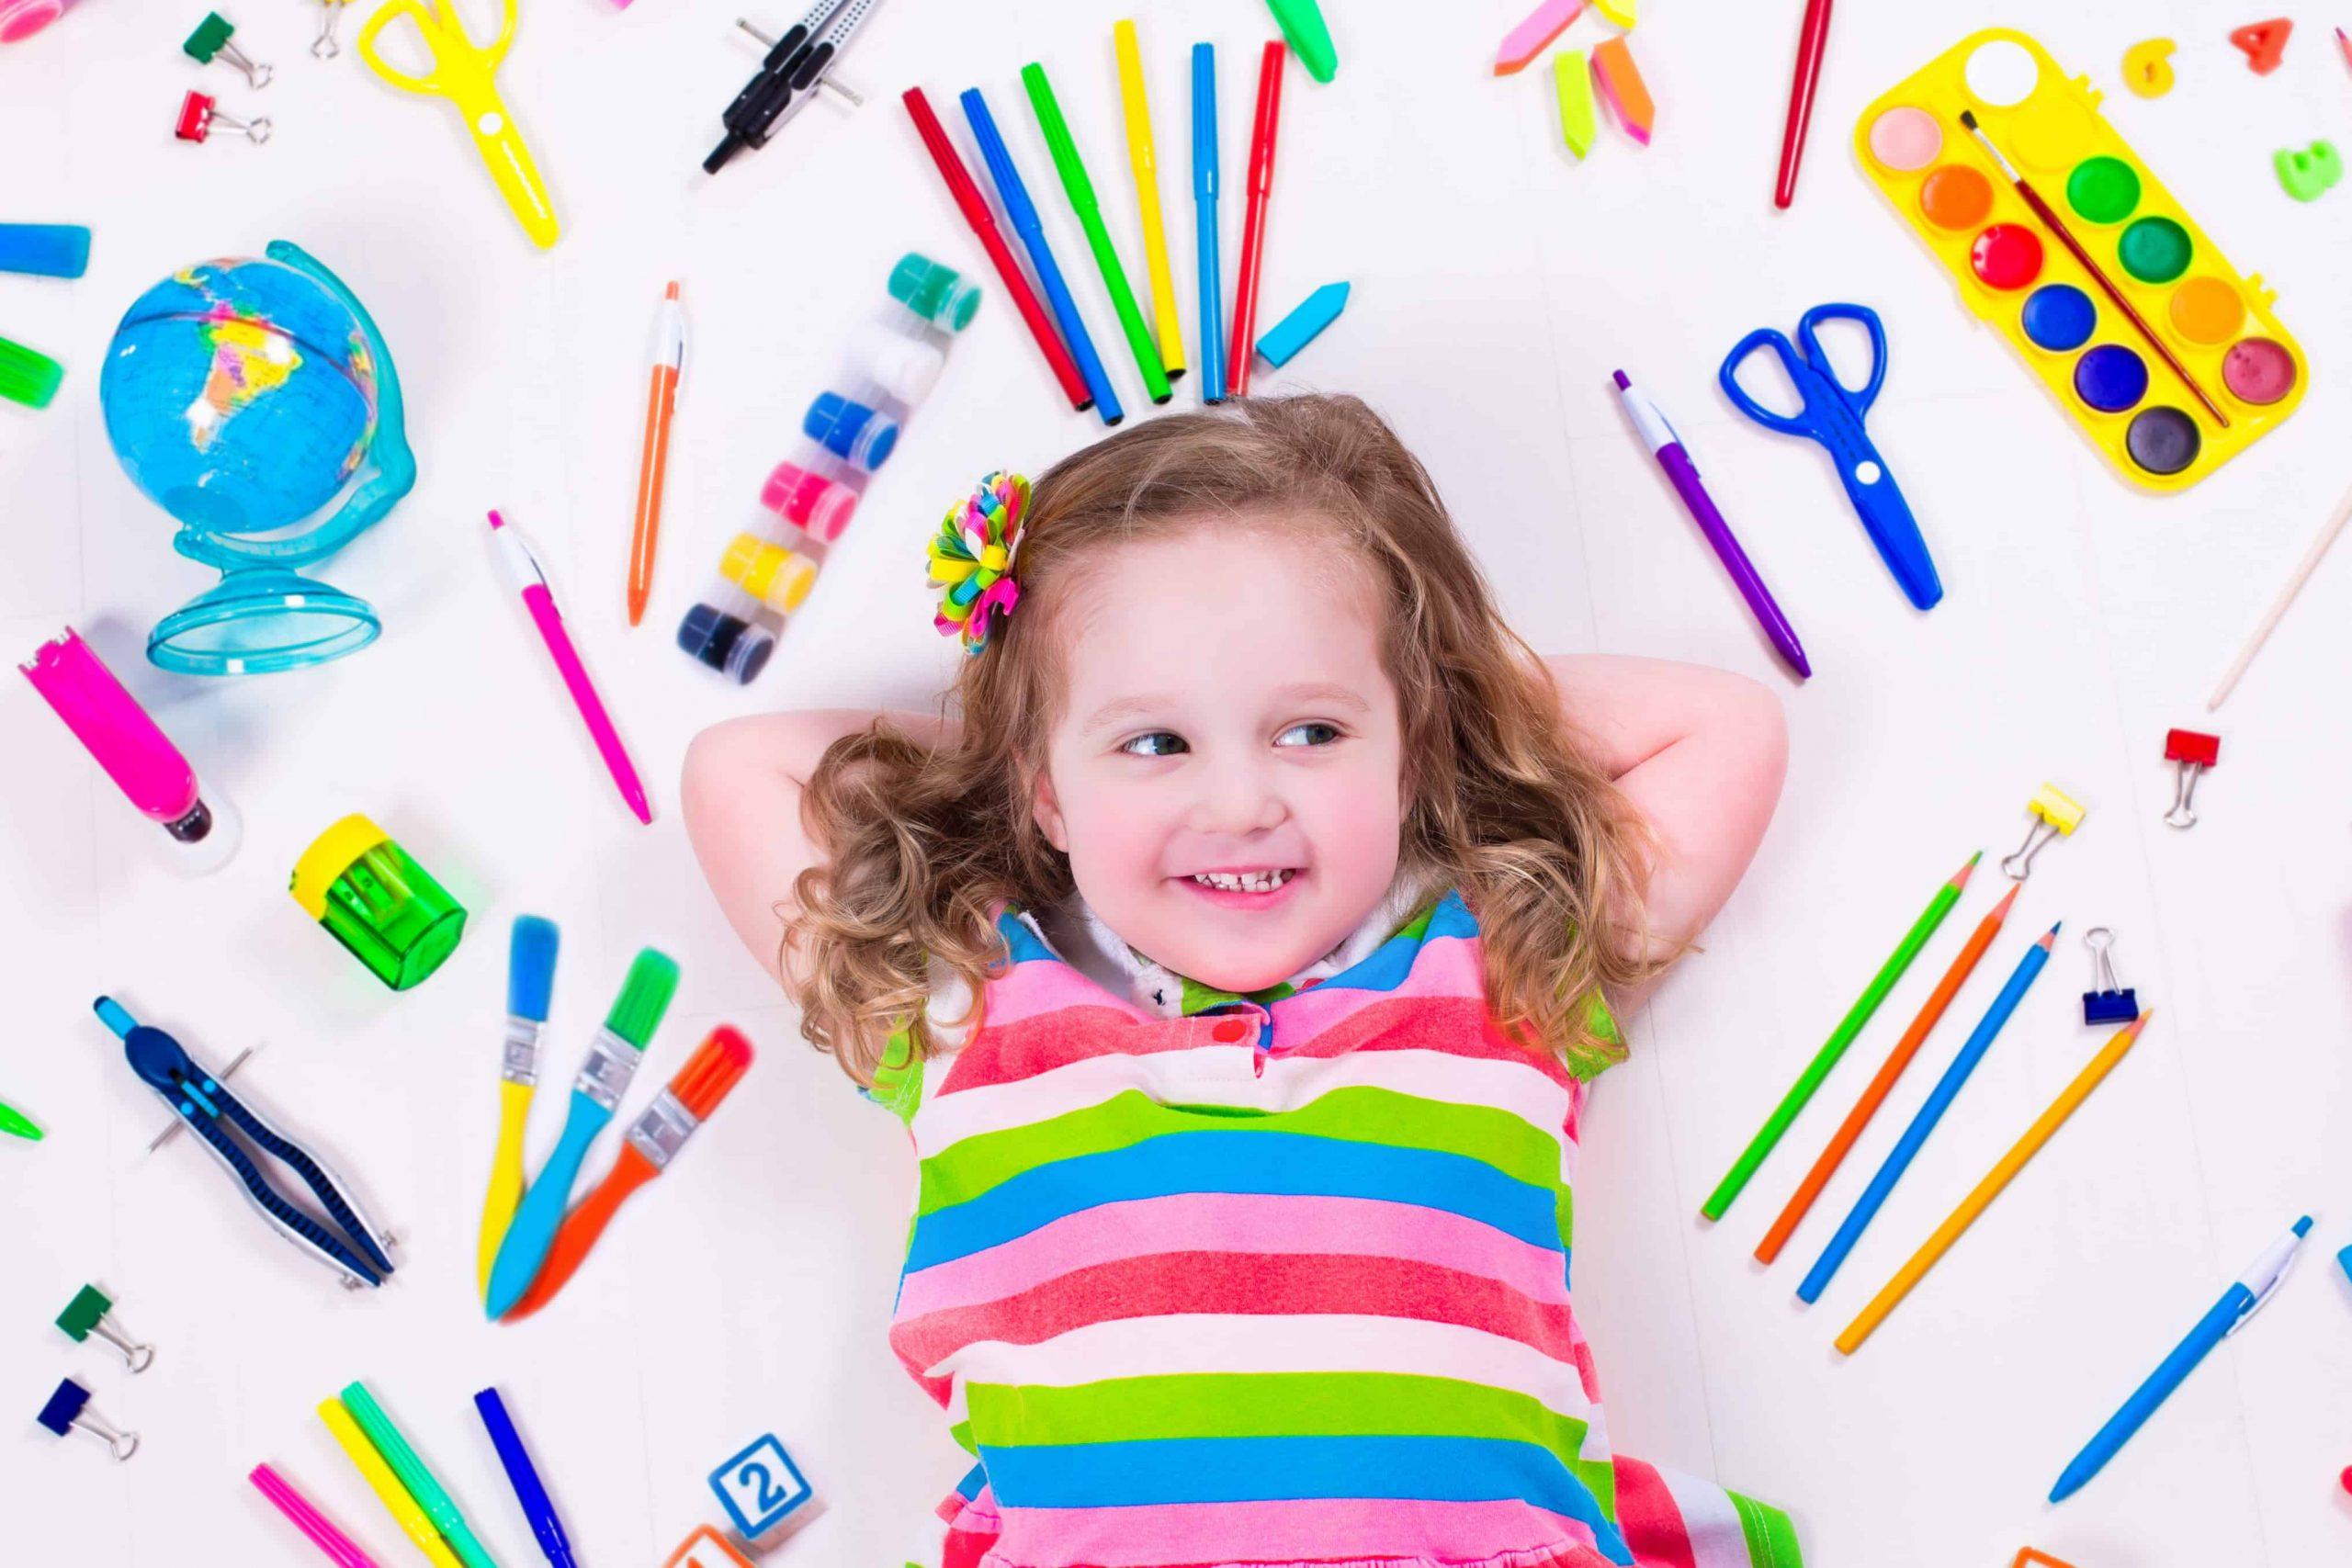 Cum să deblochezi creativitatea copilului în 5 pași simpli (chiar dacă nu ești un adult creativ)